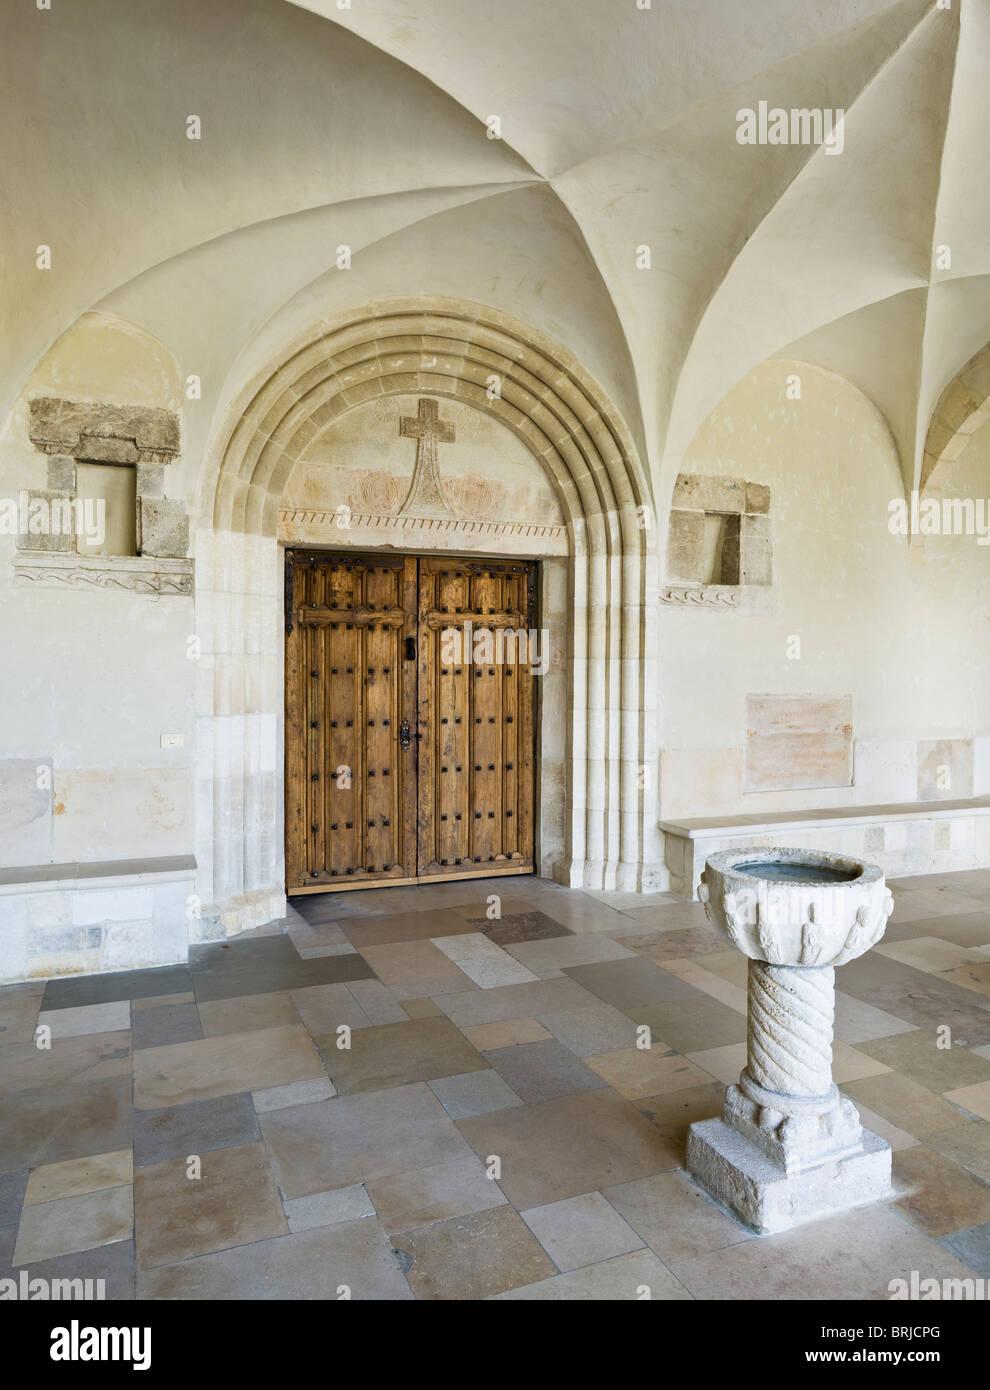 Entrée de l'église à l'Abbaye de St Remy (Rochefort). 1 de 6 brasseries Trappistes en Belgique Photo Stock